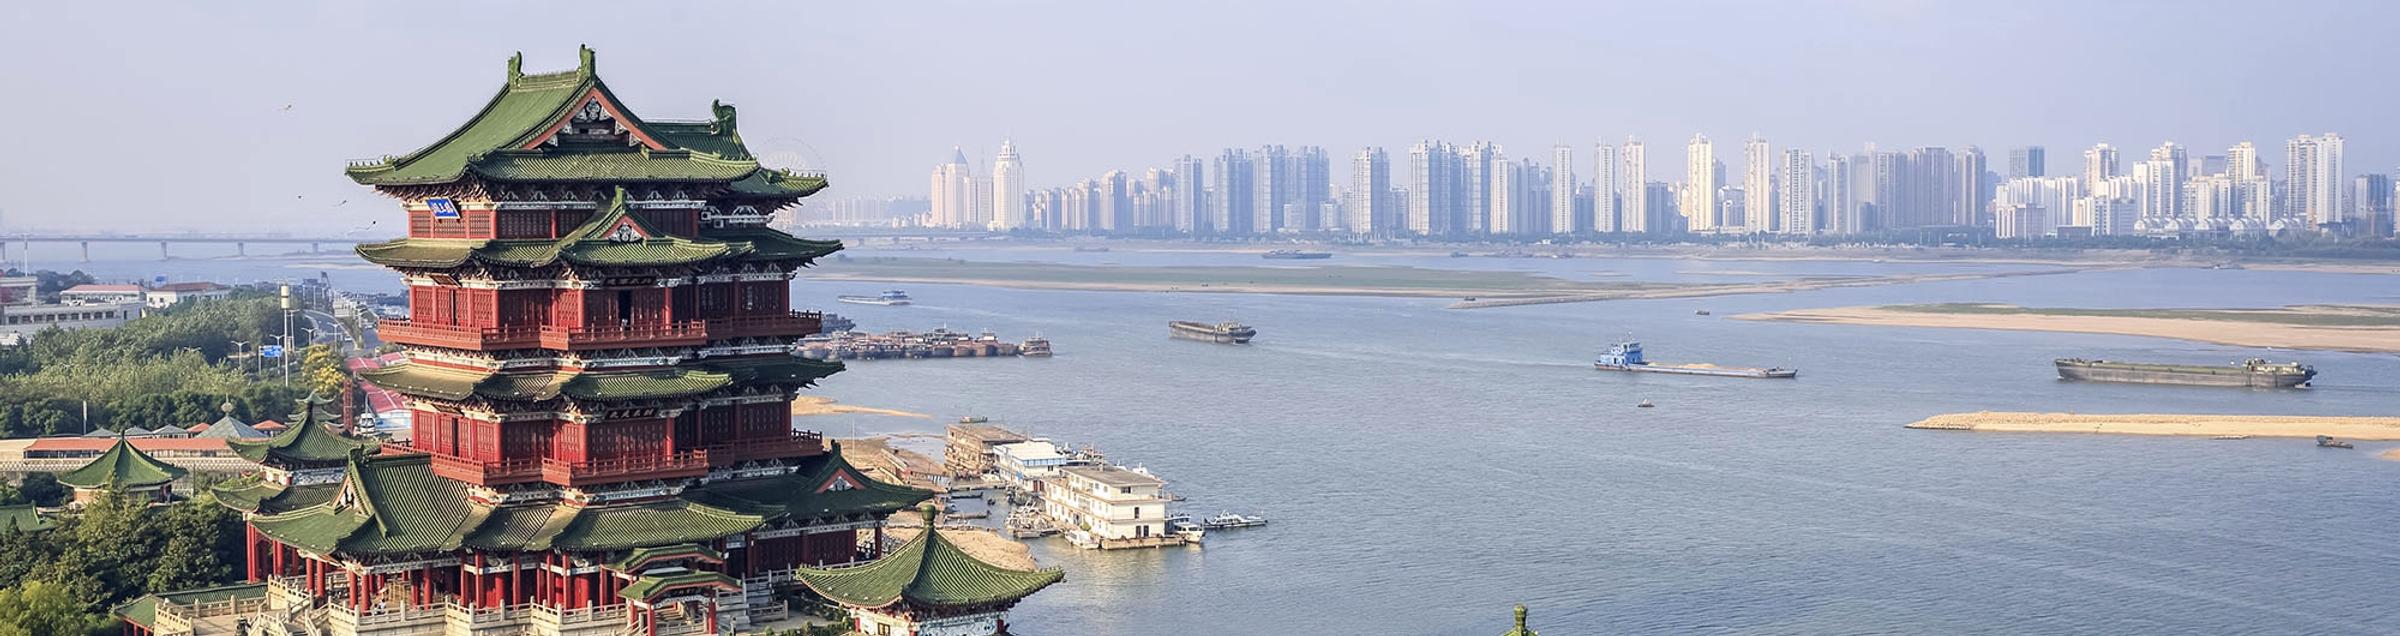 Nan-čchang